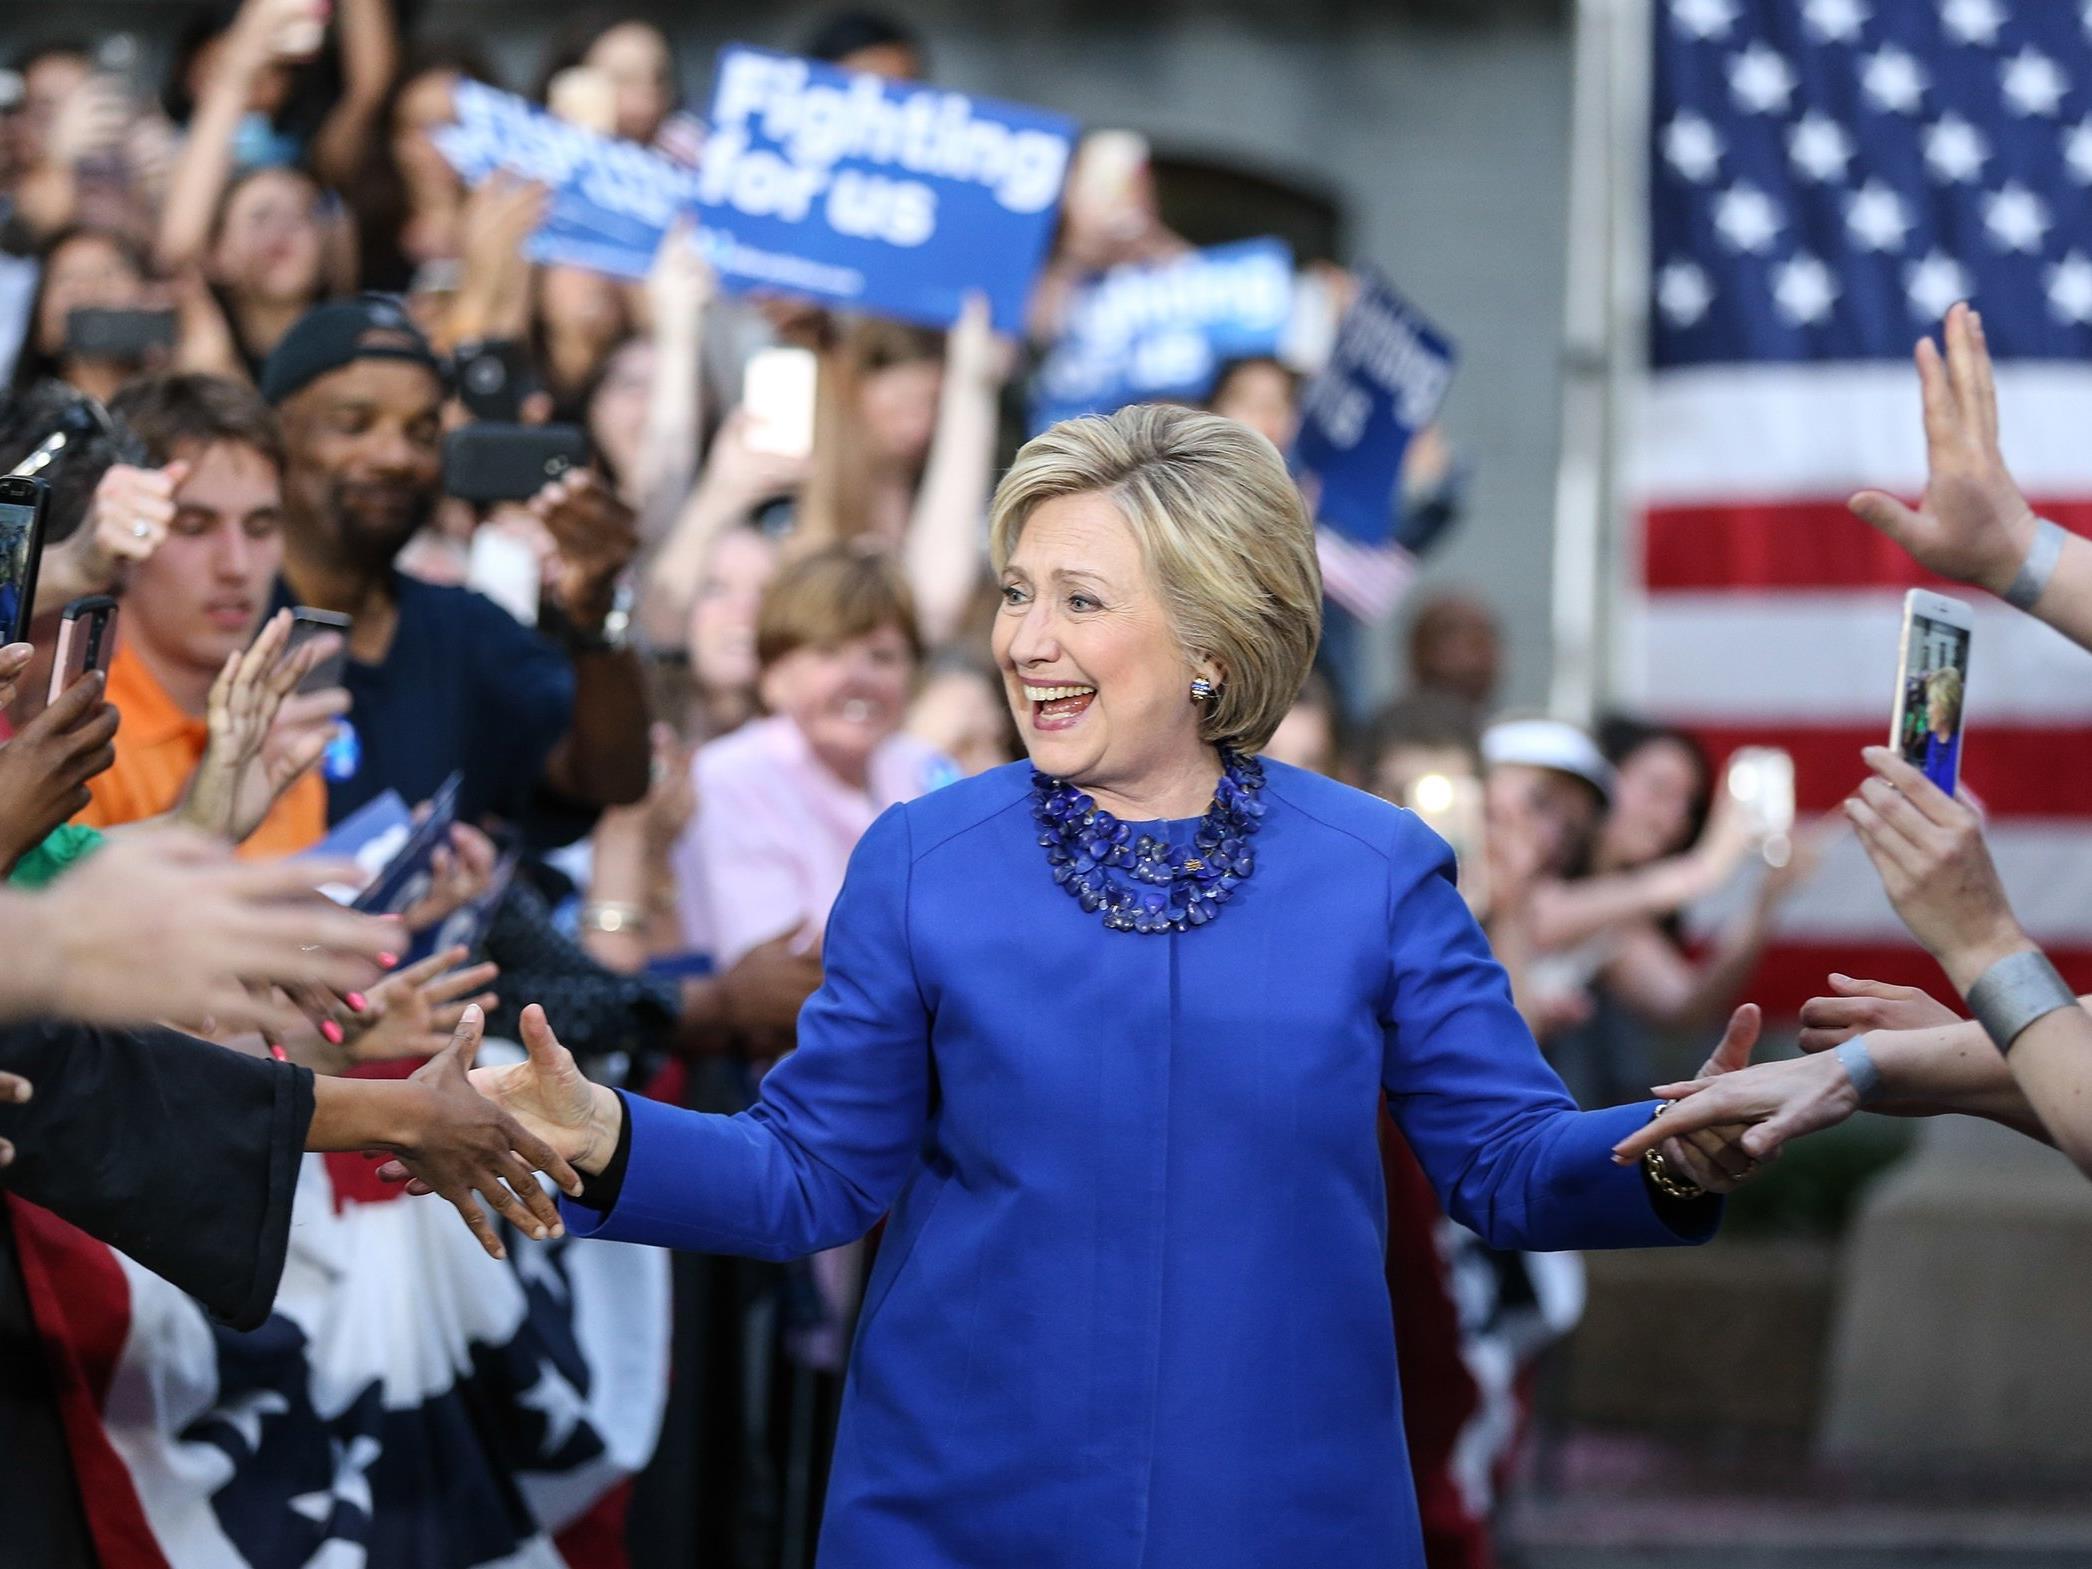 Hillary Clinton möchte 50 Prozent des Kabinetts mit Frauen besetzen.